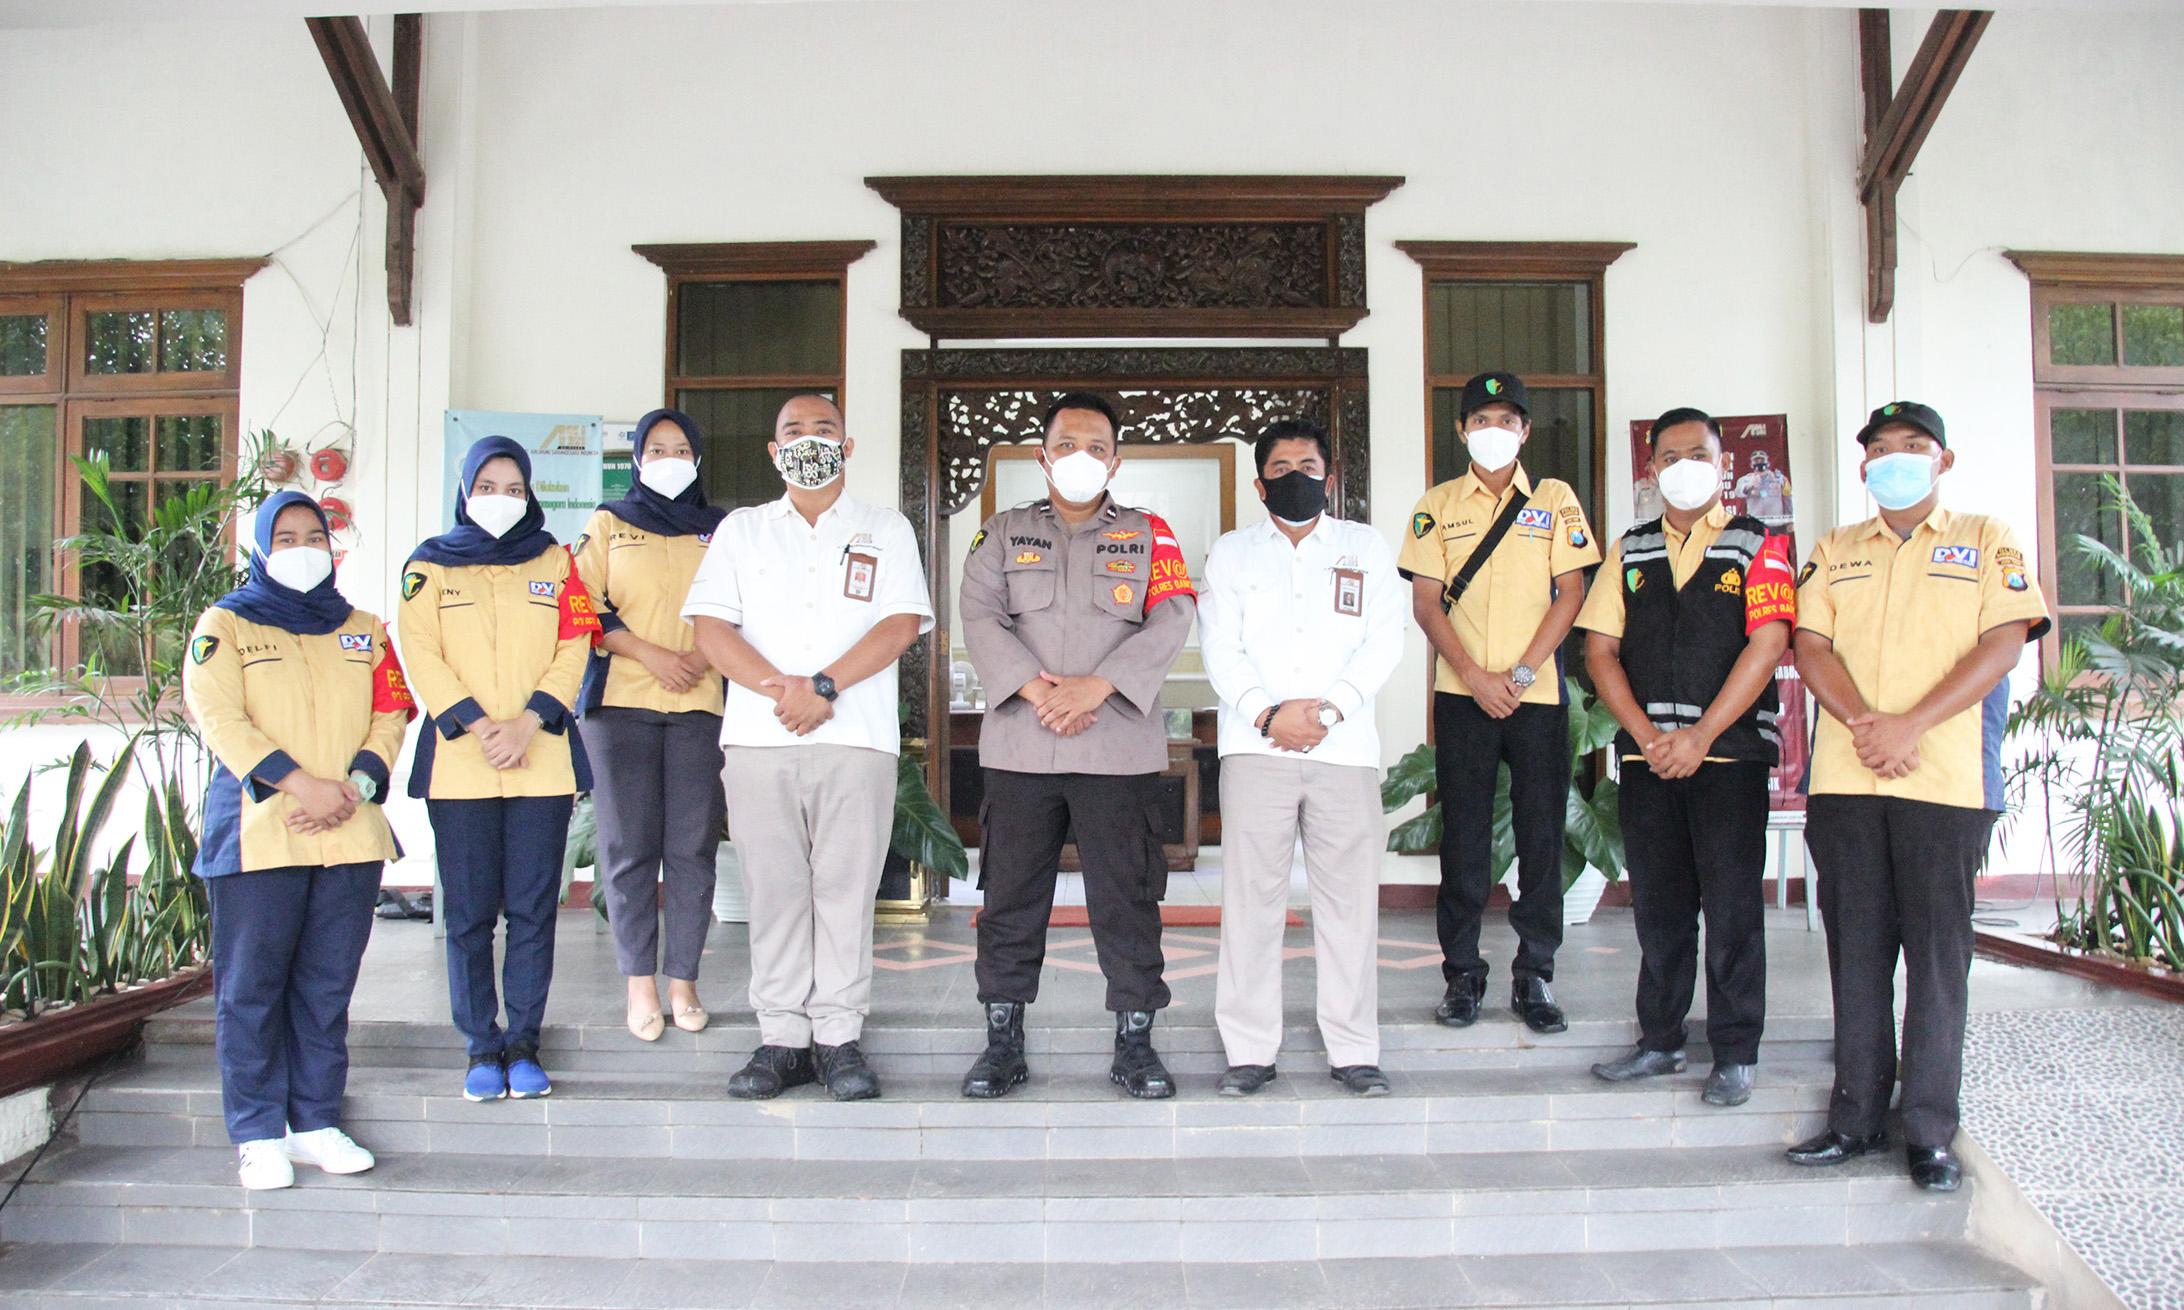 KEGIATAN VAKSINASI KARYAWAN, MITRA DAN CUSTOMER PT. ADILUHUNG SARANASEGARA INDONESIA BEKERJA SAMA DENGAN POLRES DAN DINKES BANGKALAN